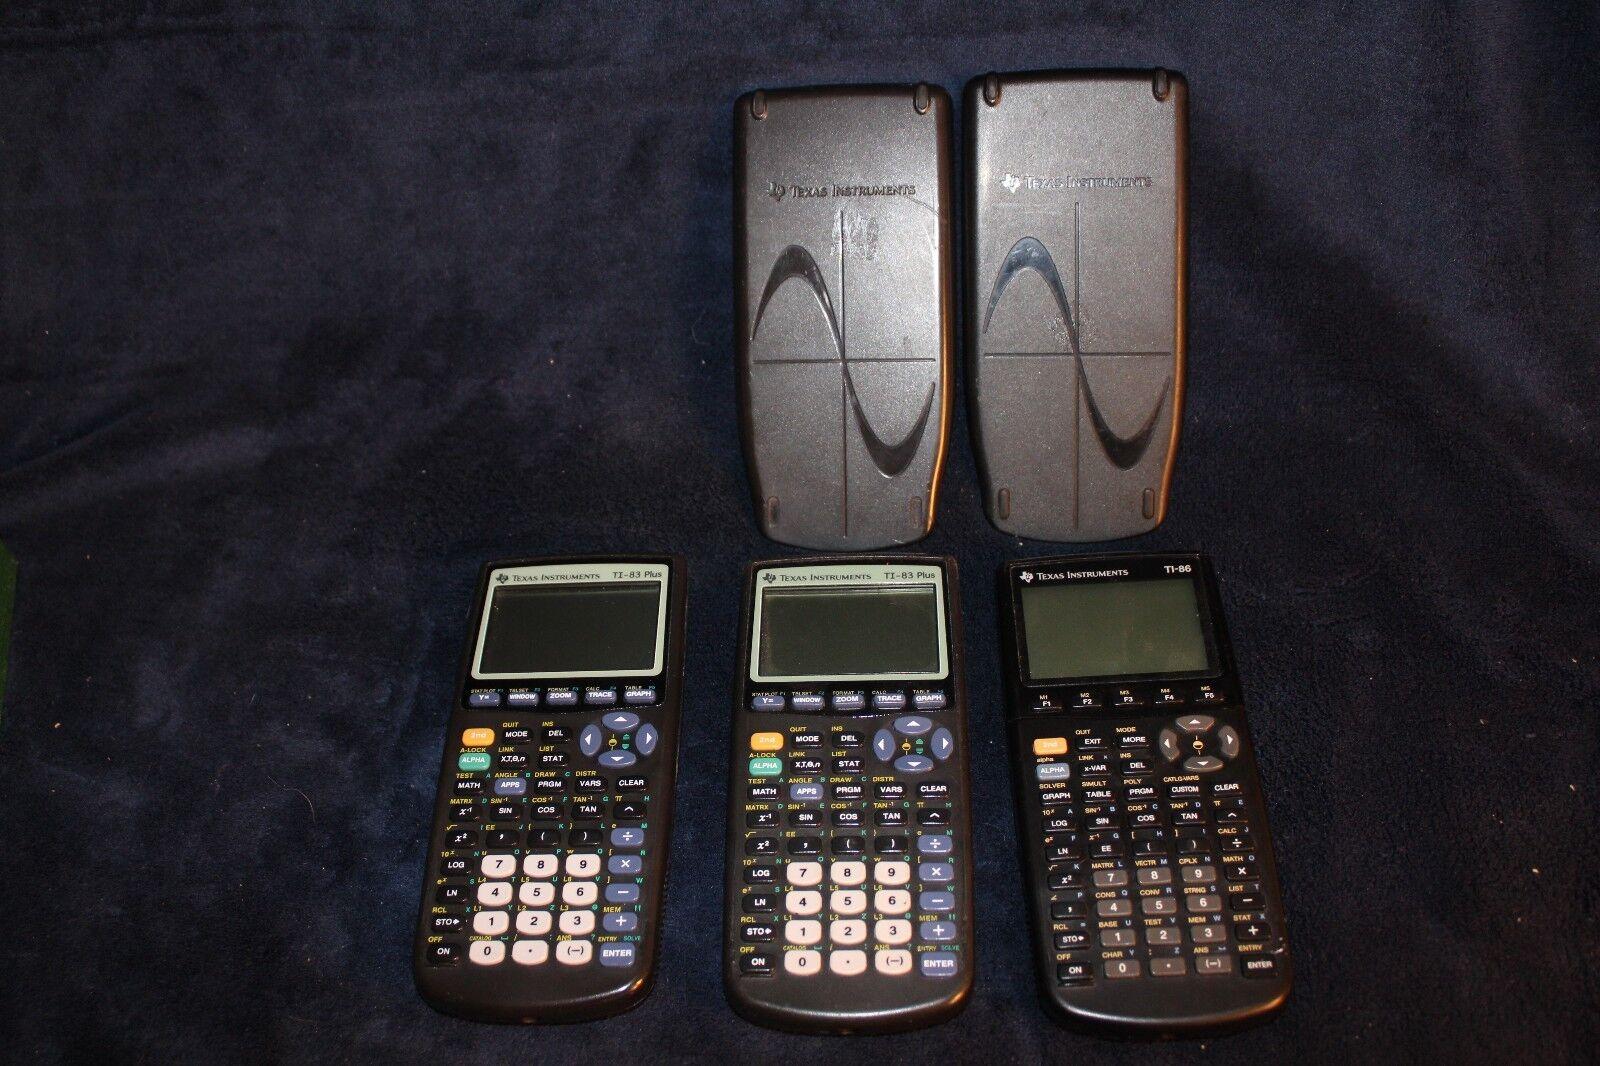 2 TI-83 Plus and 1 TI-86 Calculator - bad screens, for parts/repair